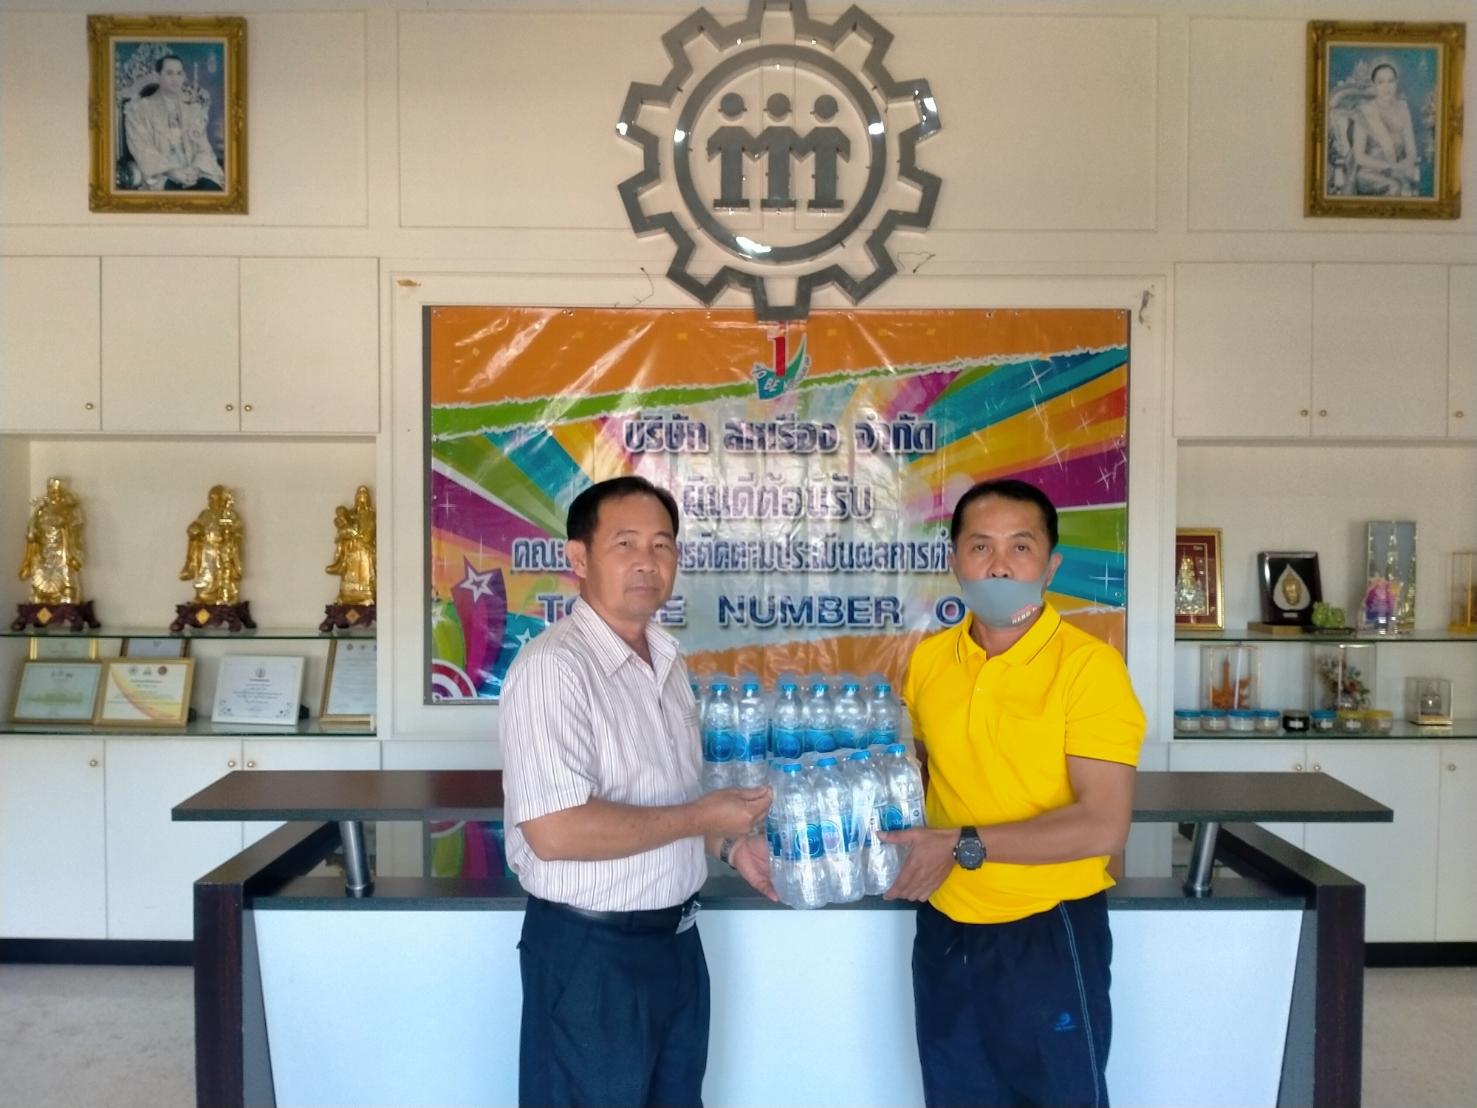 สรจ.มุกดาหาร รับมอบน้ำดื่ม จำนวน 240 ขวด จากบริษัท สหเรือง จำกัด